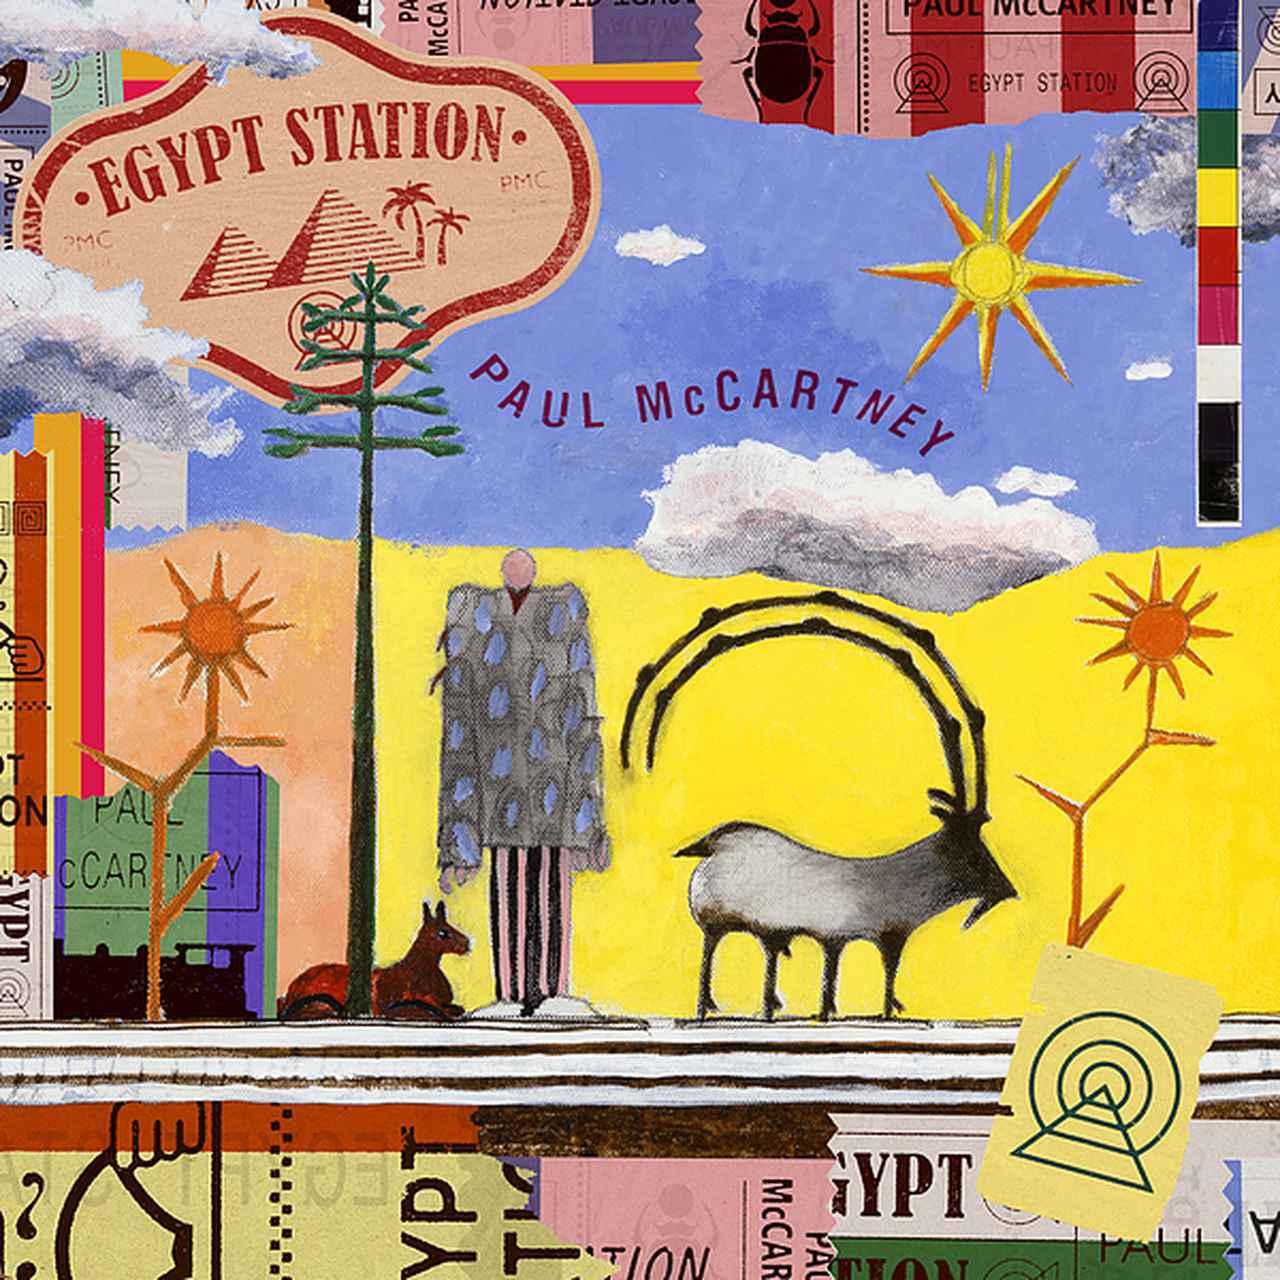 画像: Egypt Station/ポール・マッカートニー